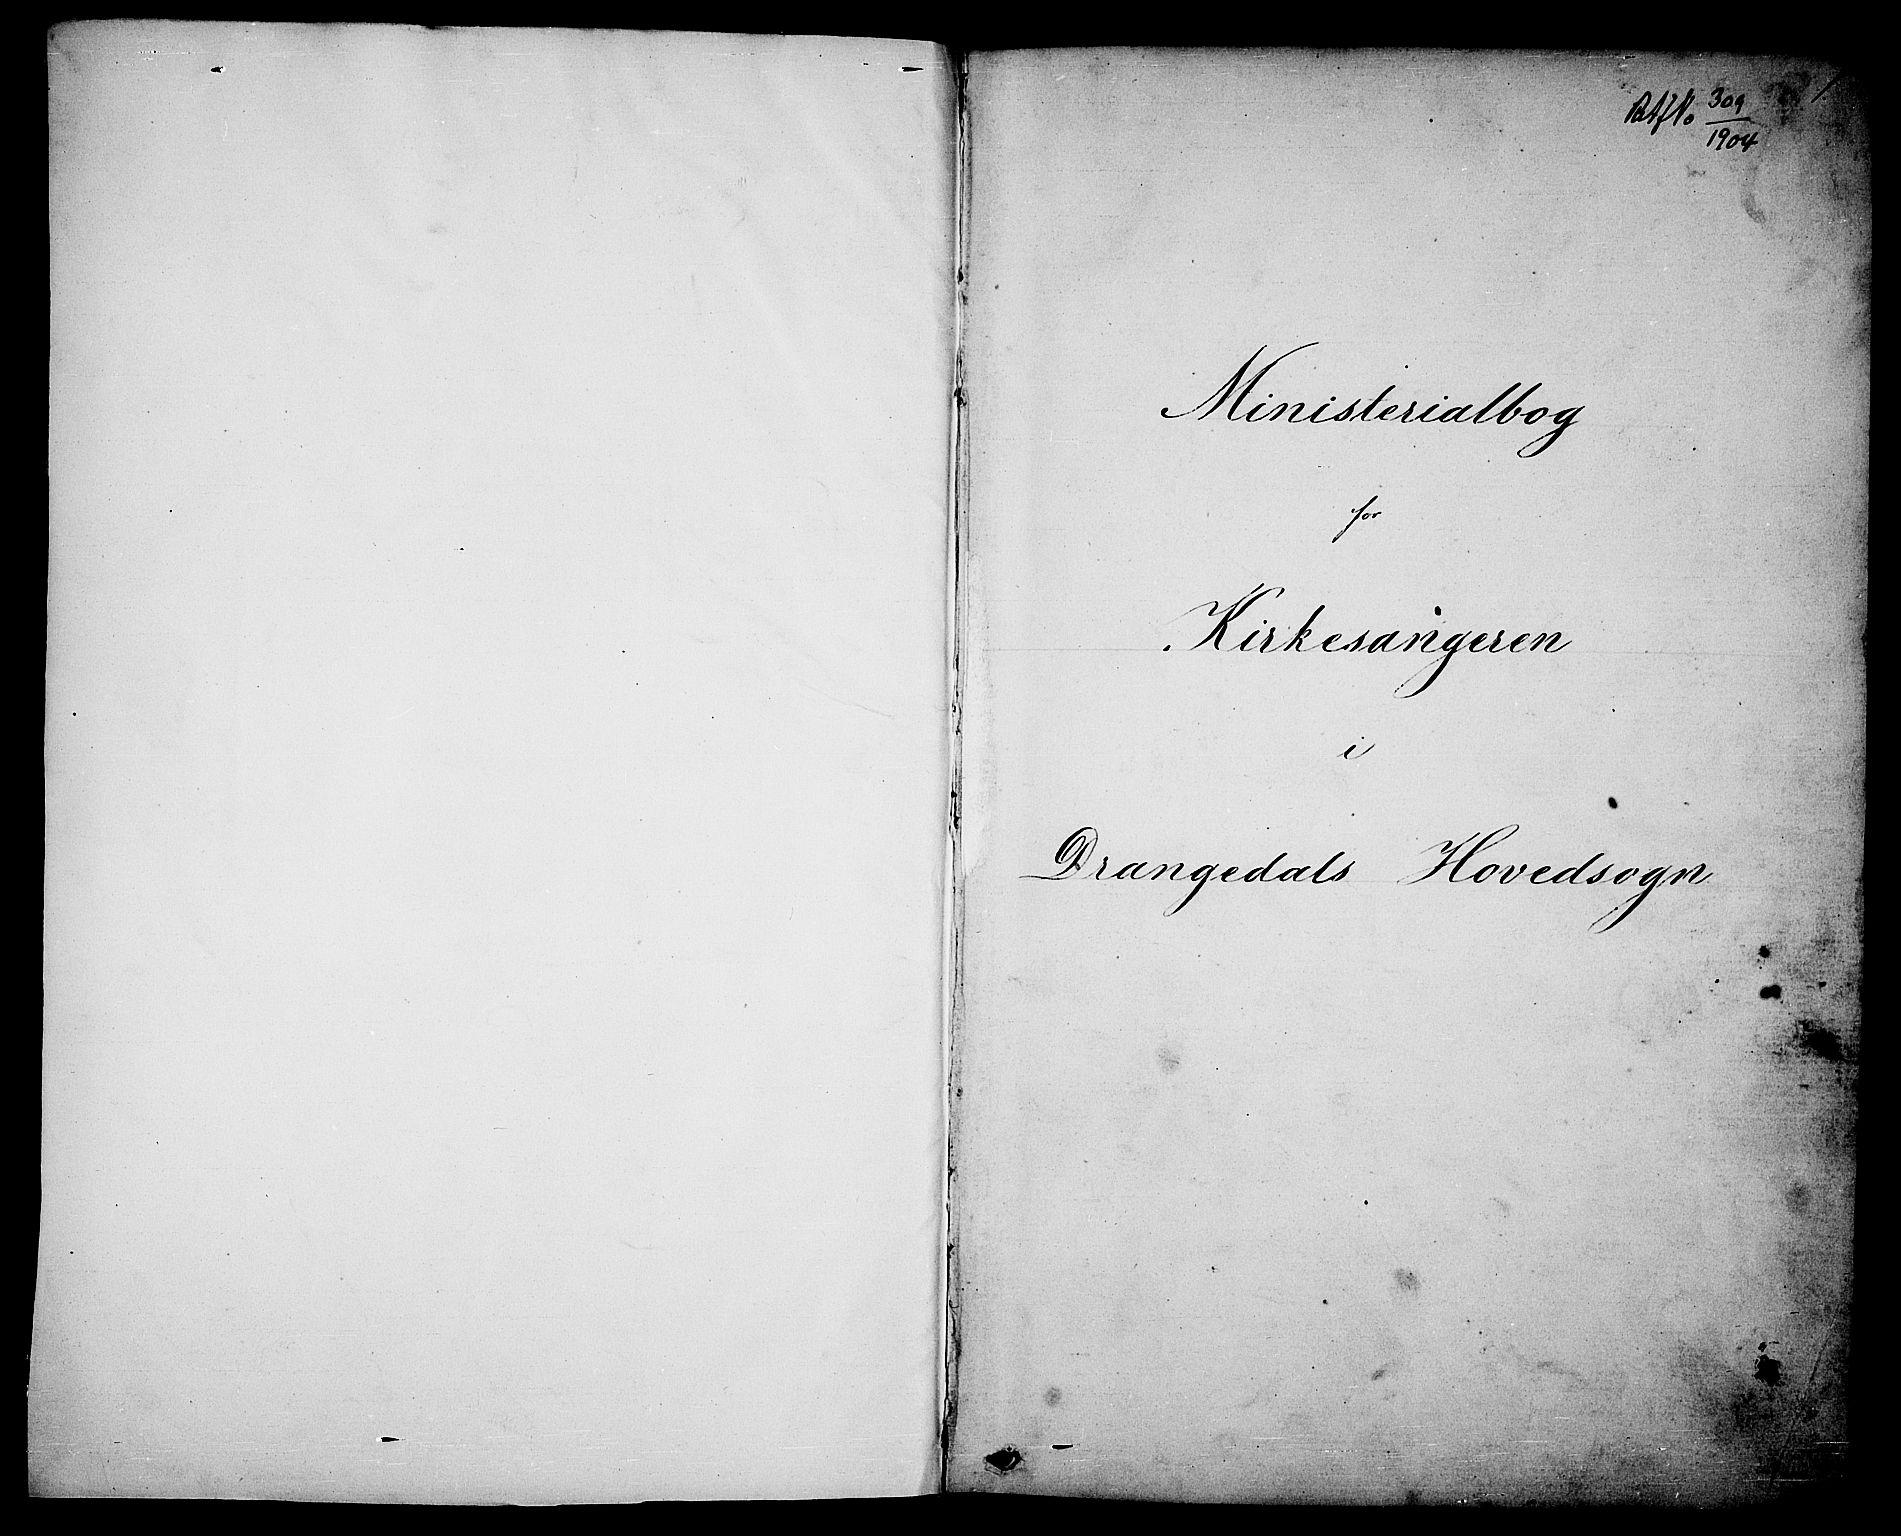 SAKO, Drangedal kirkebøker, G/Ga/L0002: Klokkerbok nr. I 2, 1856-1887, s. 1